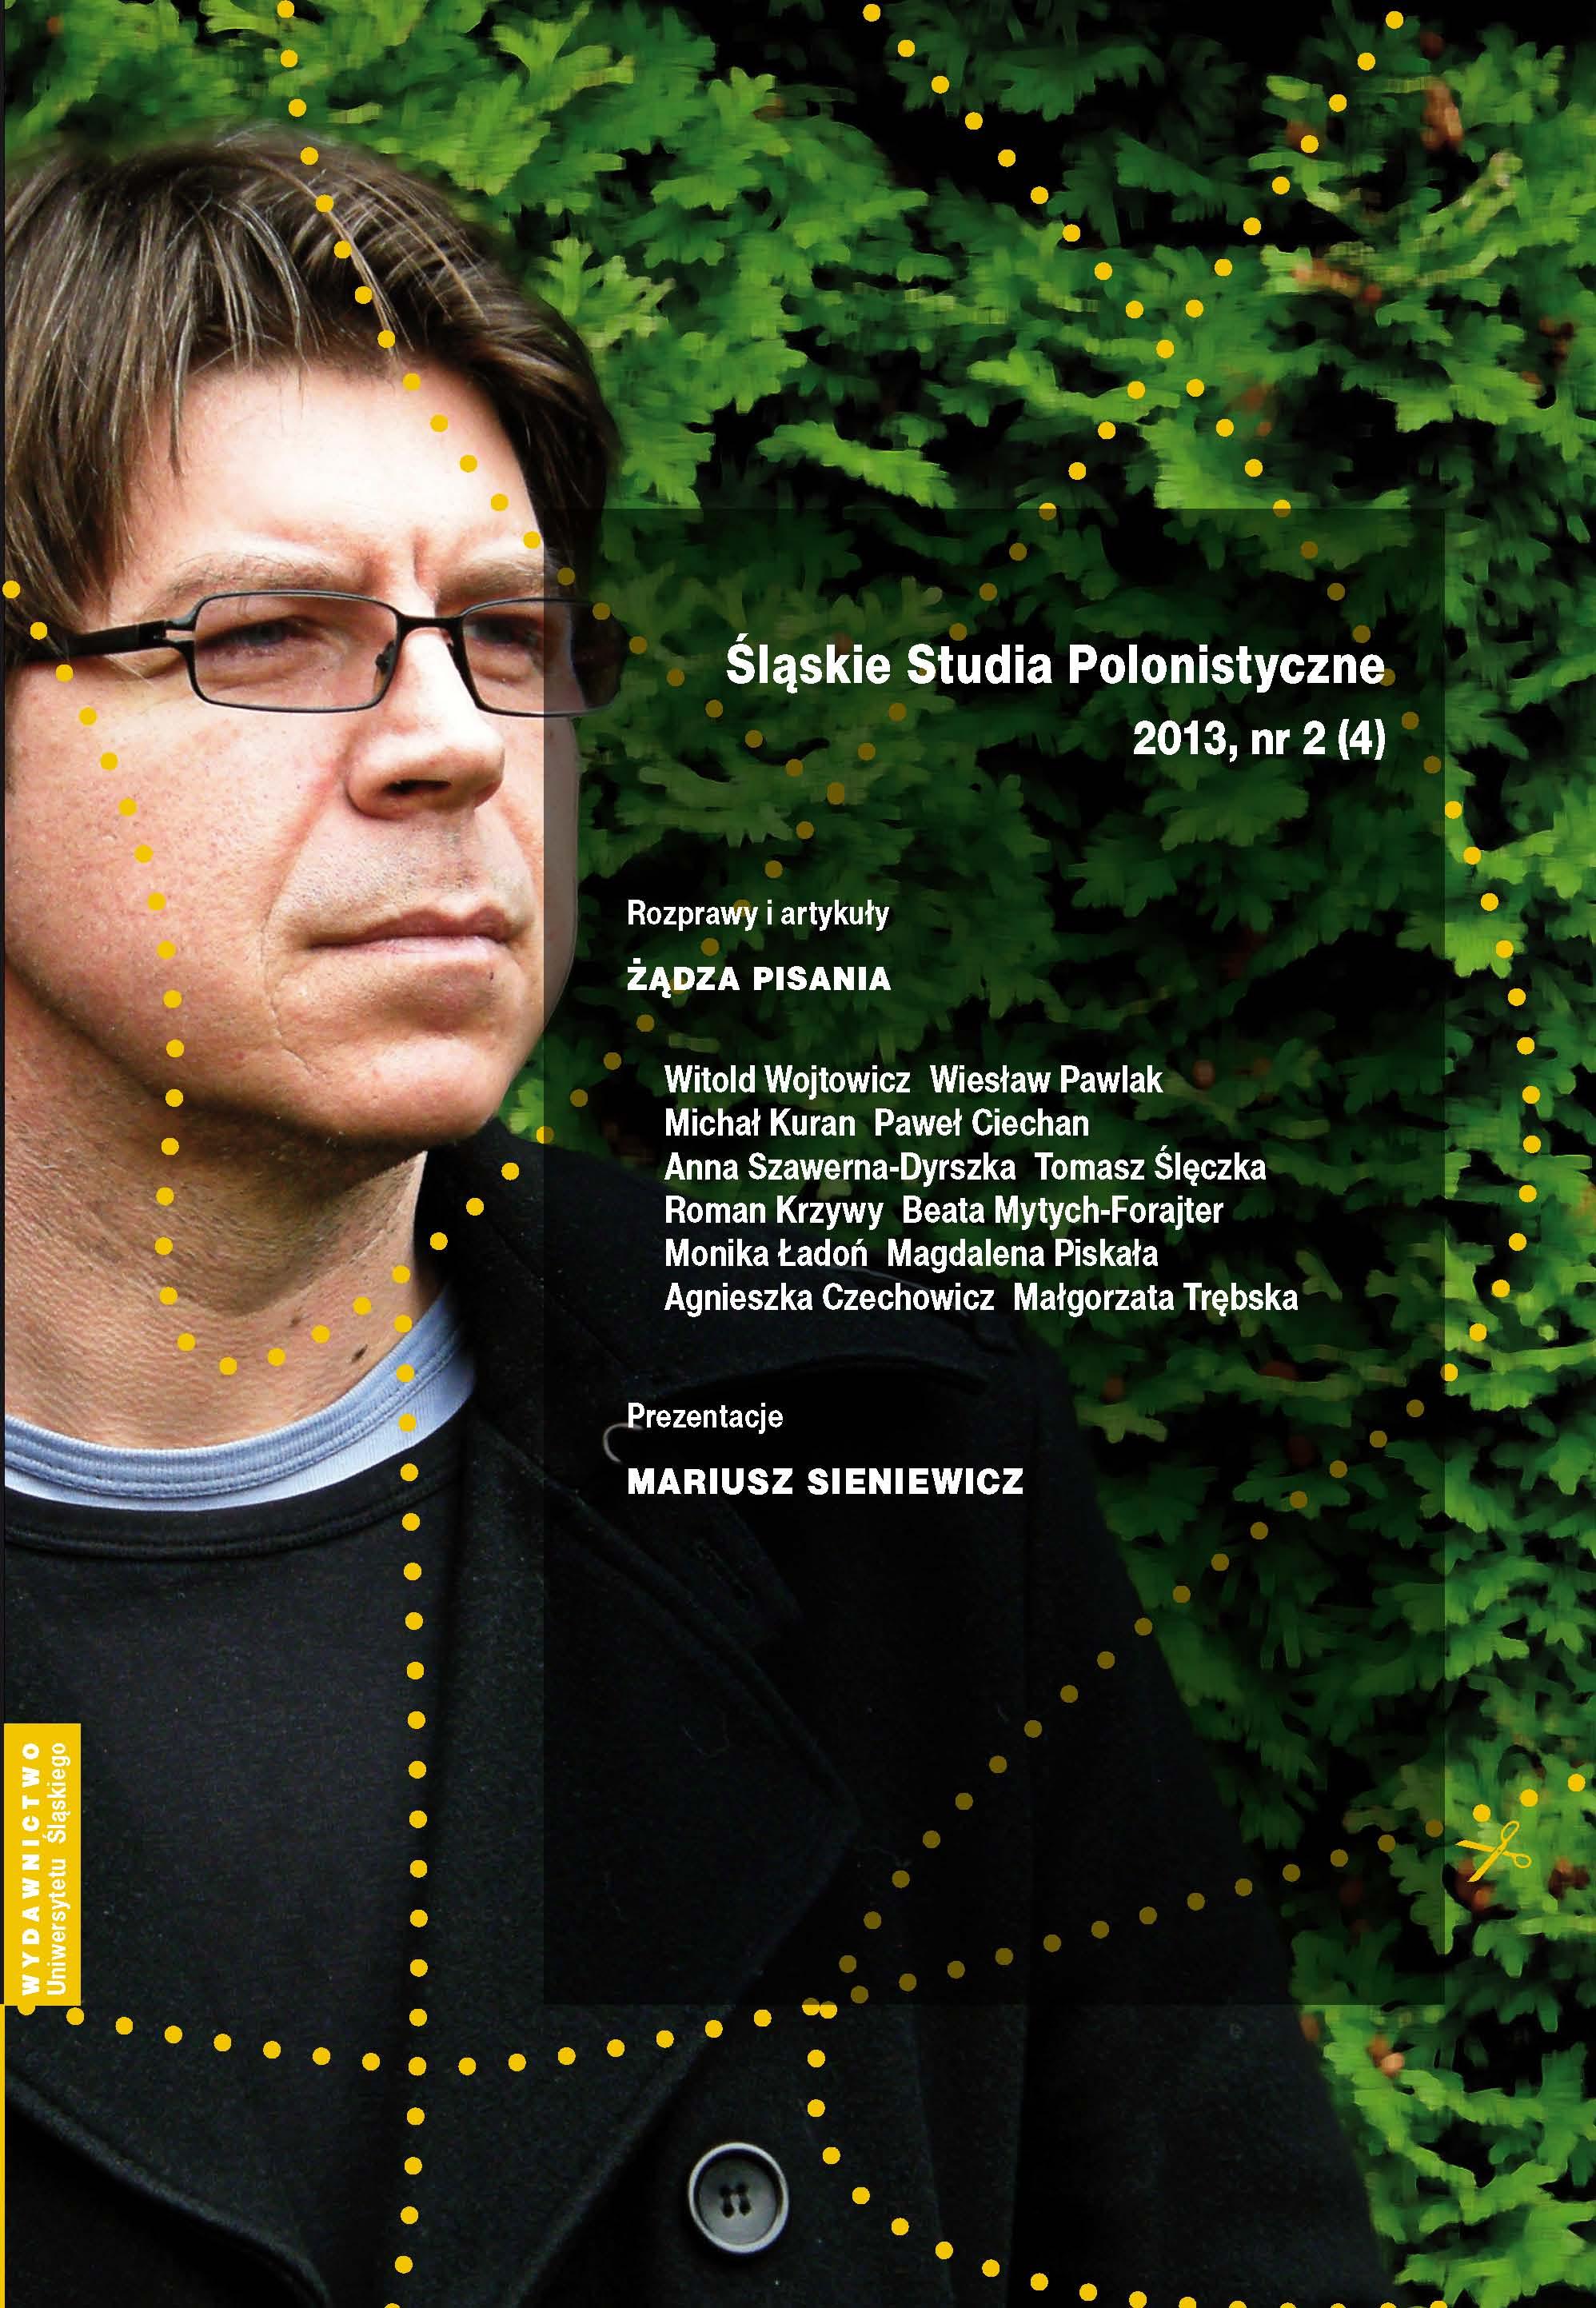 Śląskie Studia Polonistyczne 2013 nr 2 (4)